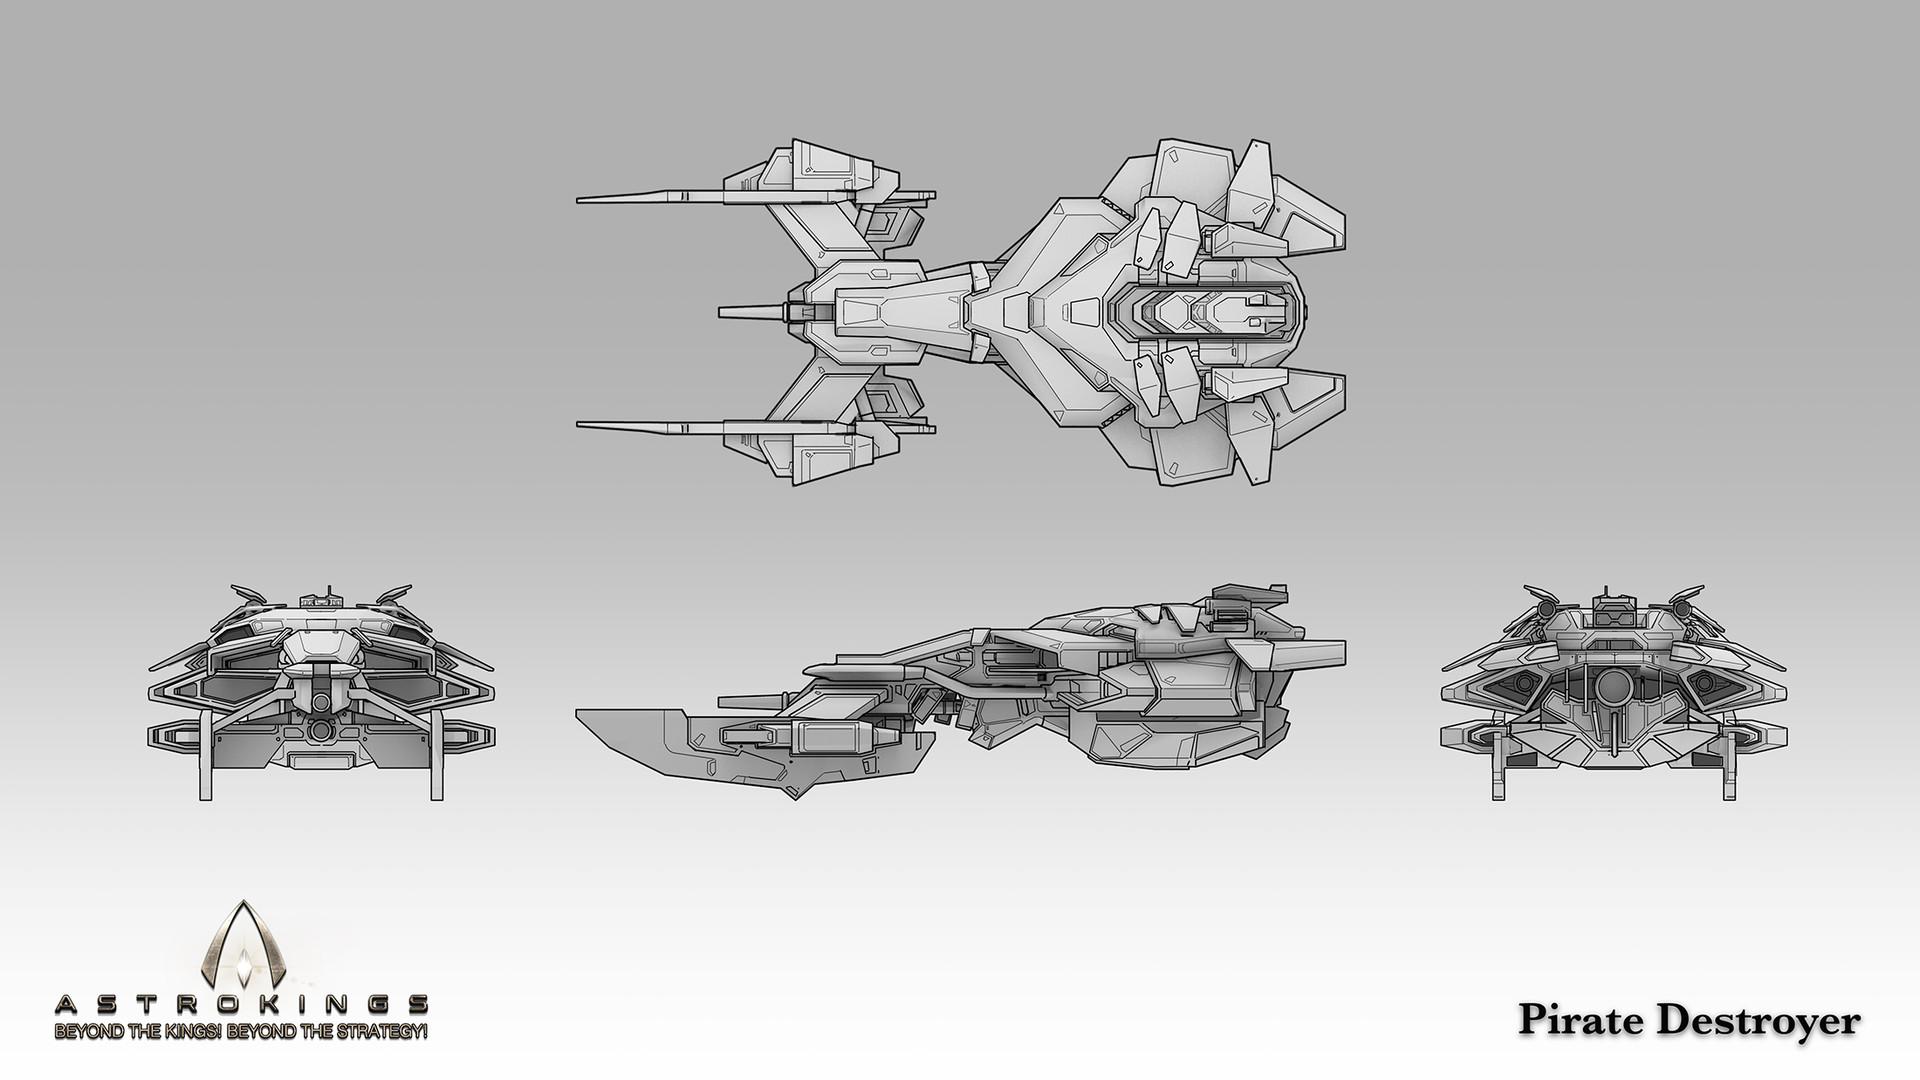 Il kim astronest destroyer artstation 4